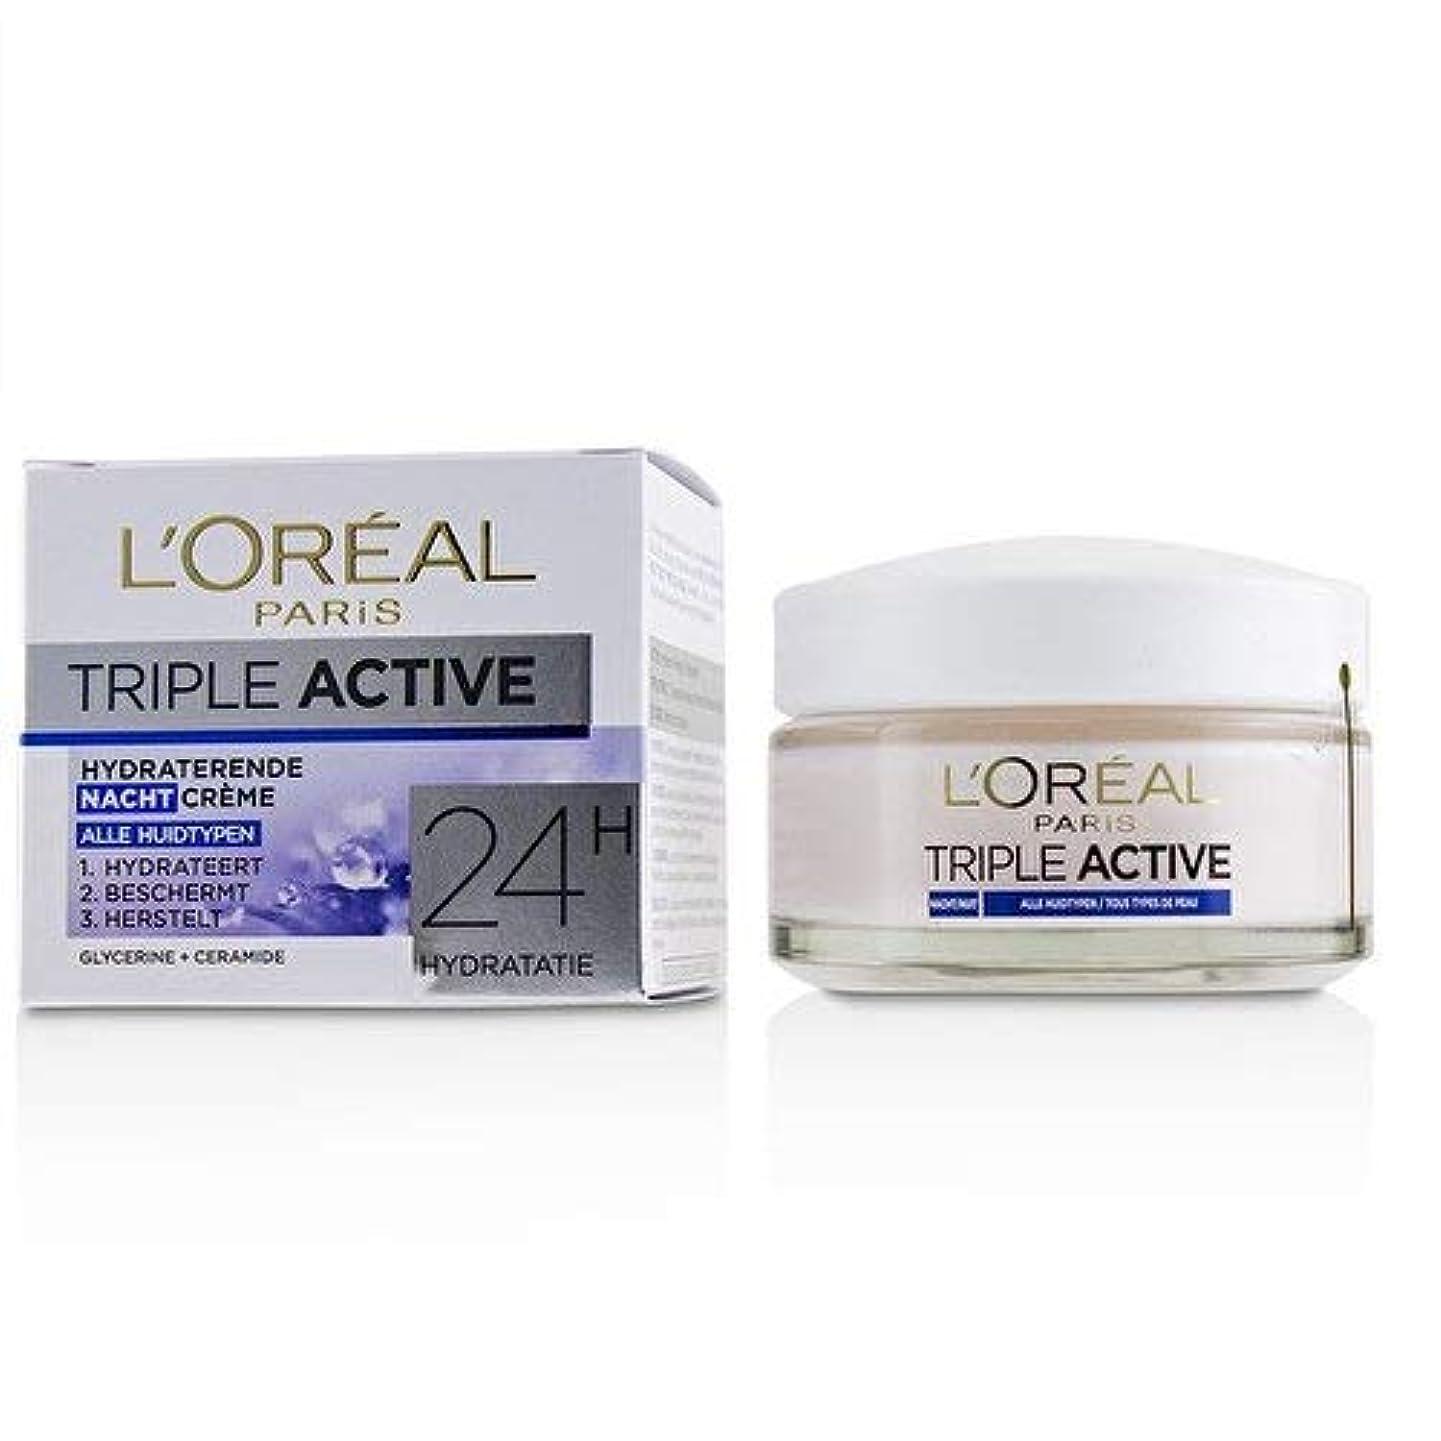 飽和する鉛筆モールス信号ロレアル Triple Active Hydrating Night Cream 24H Hydration - For All Skin Types 50ml/1.7oz並行輸入品